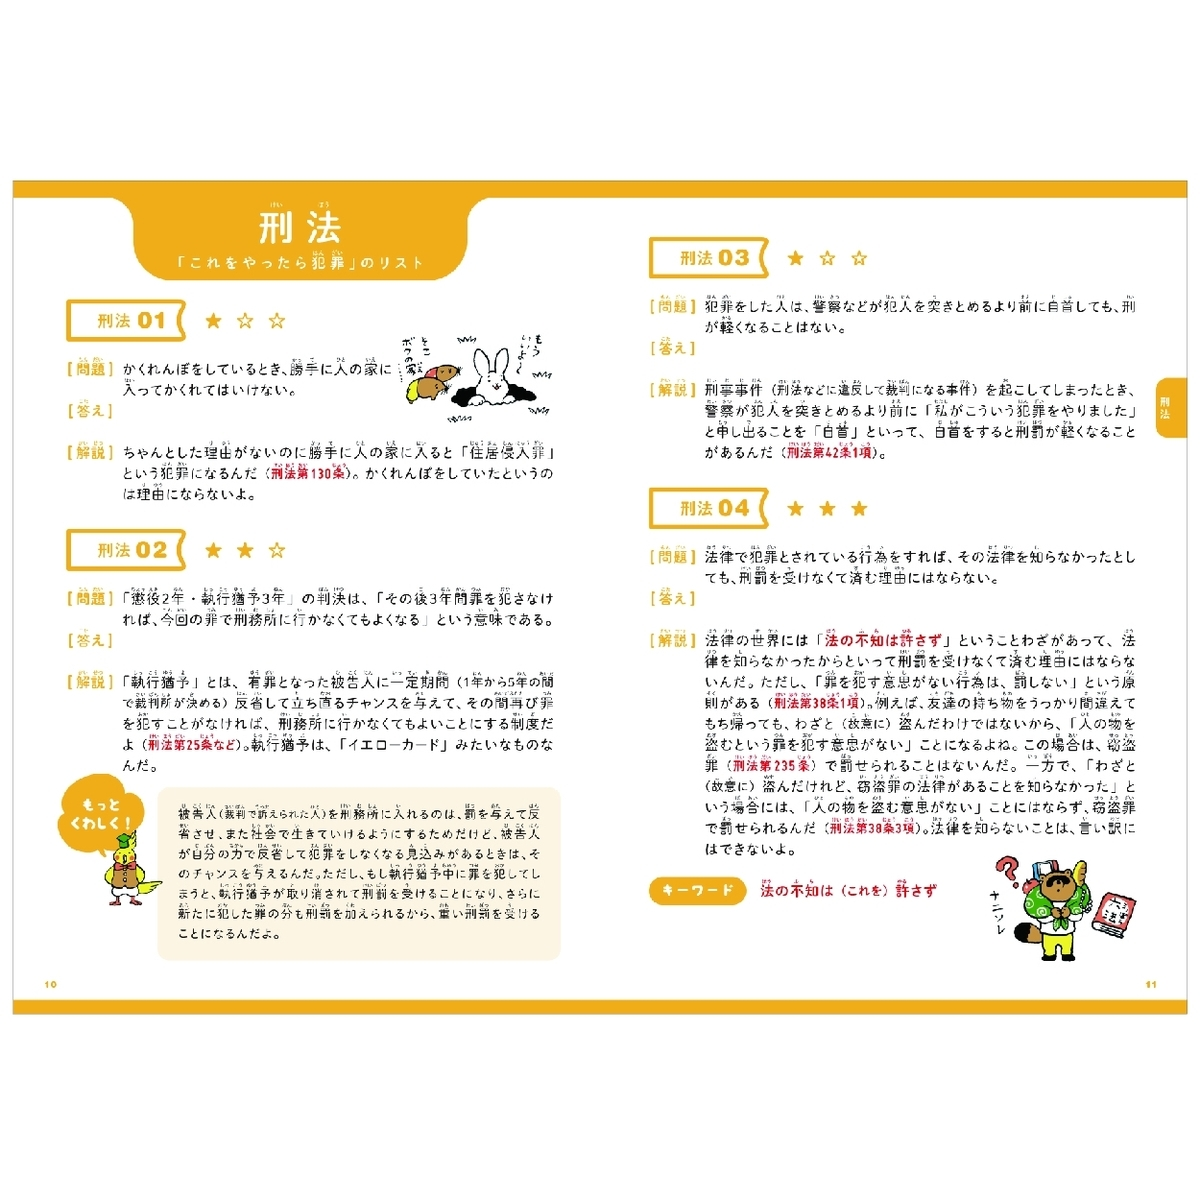 f:id:mojiru:20200615085035j:plain